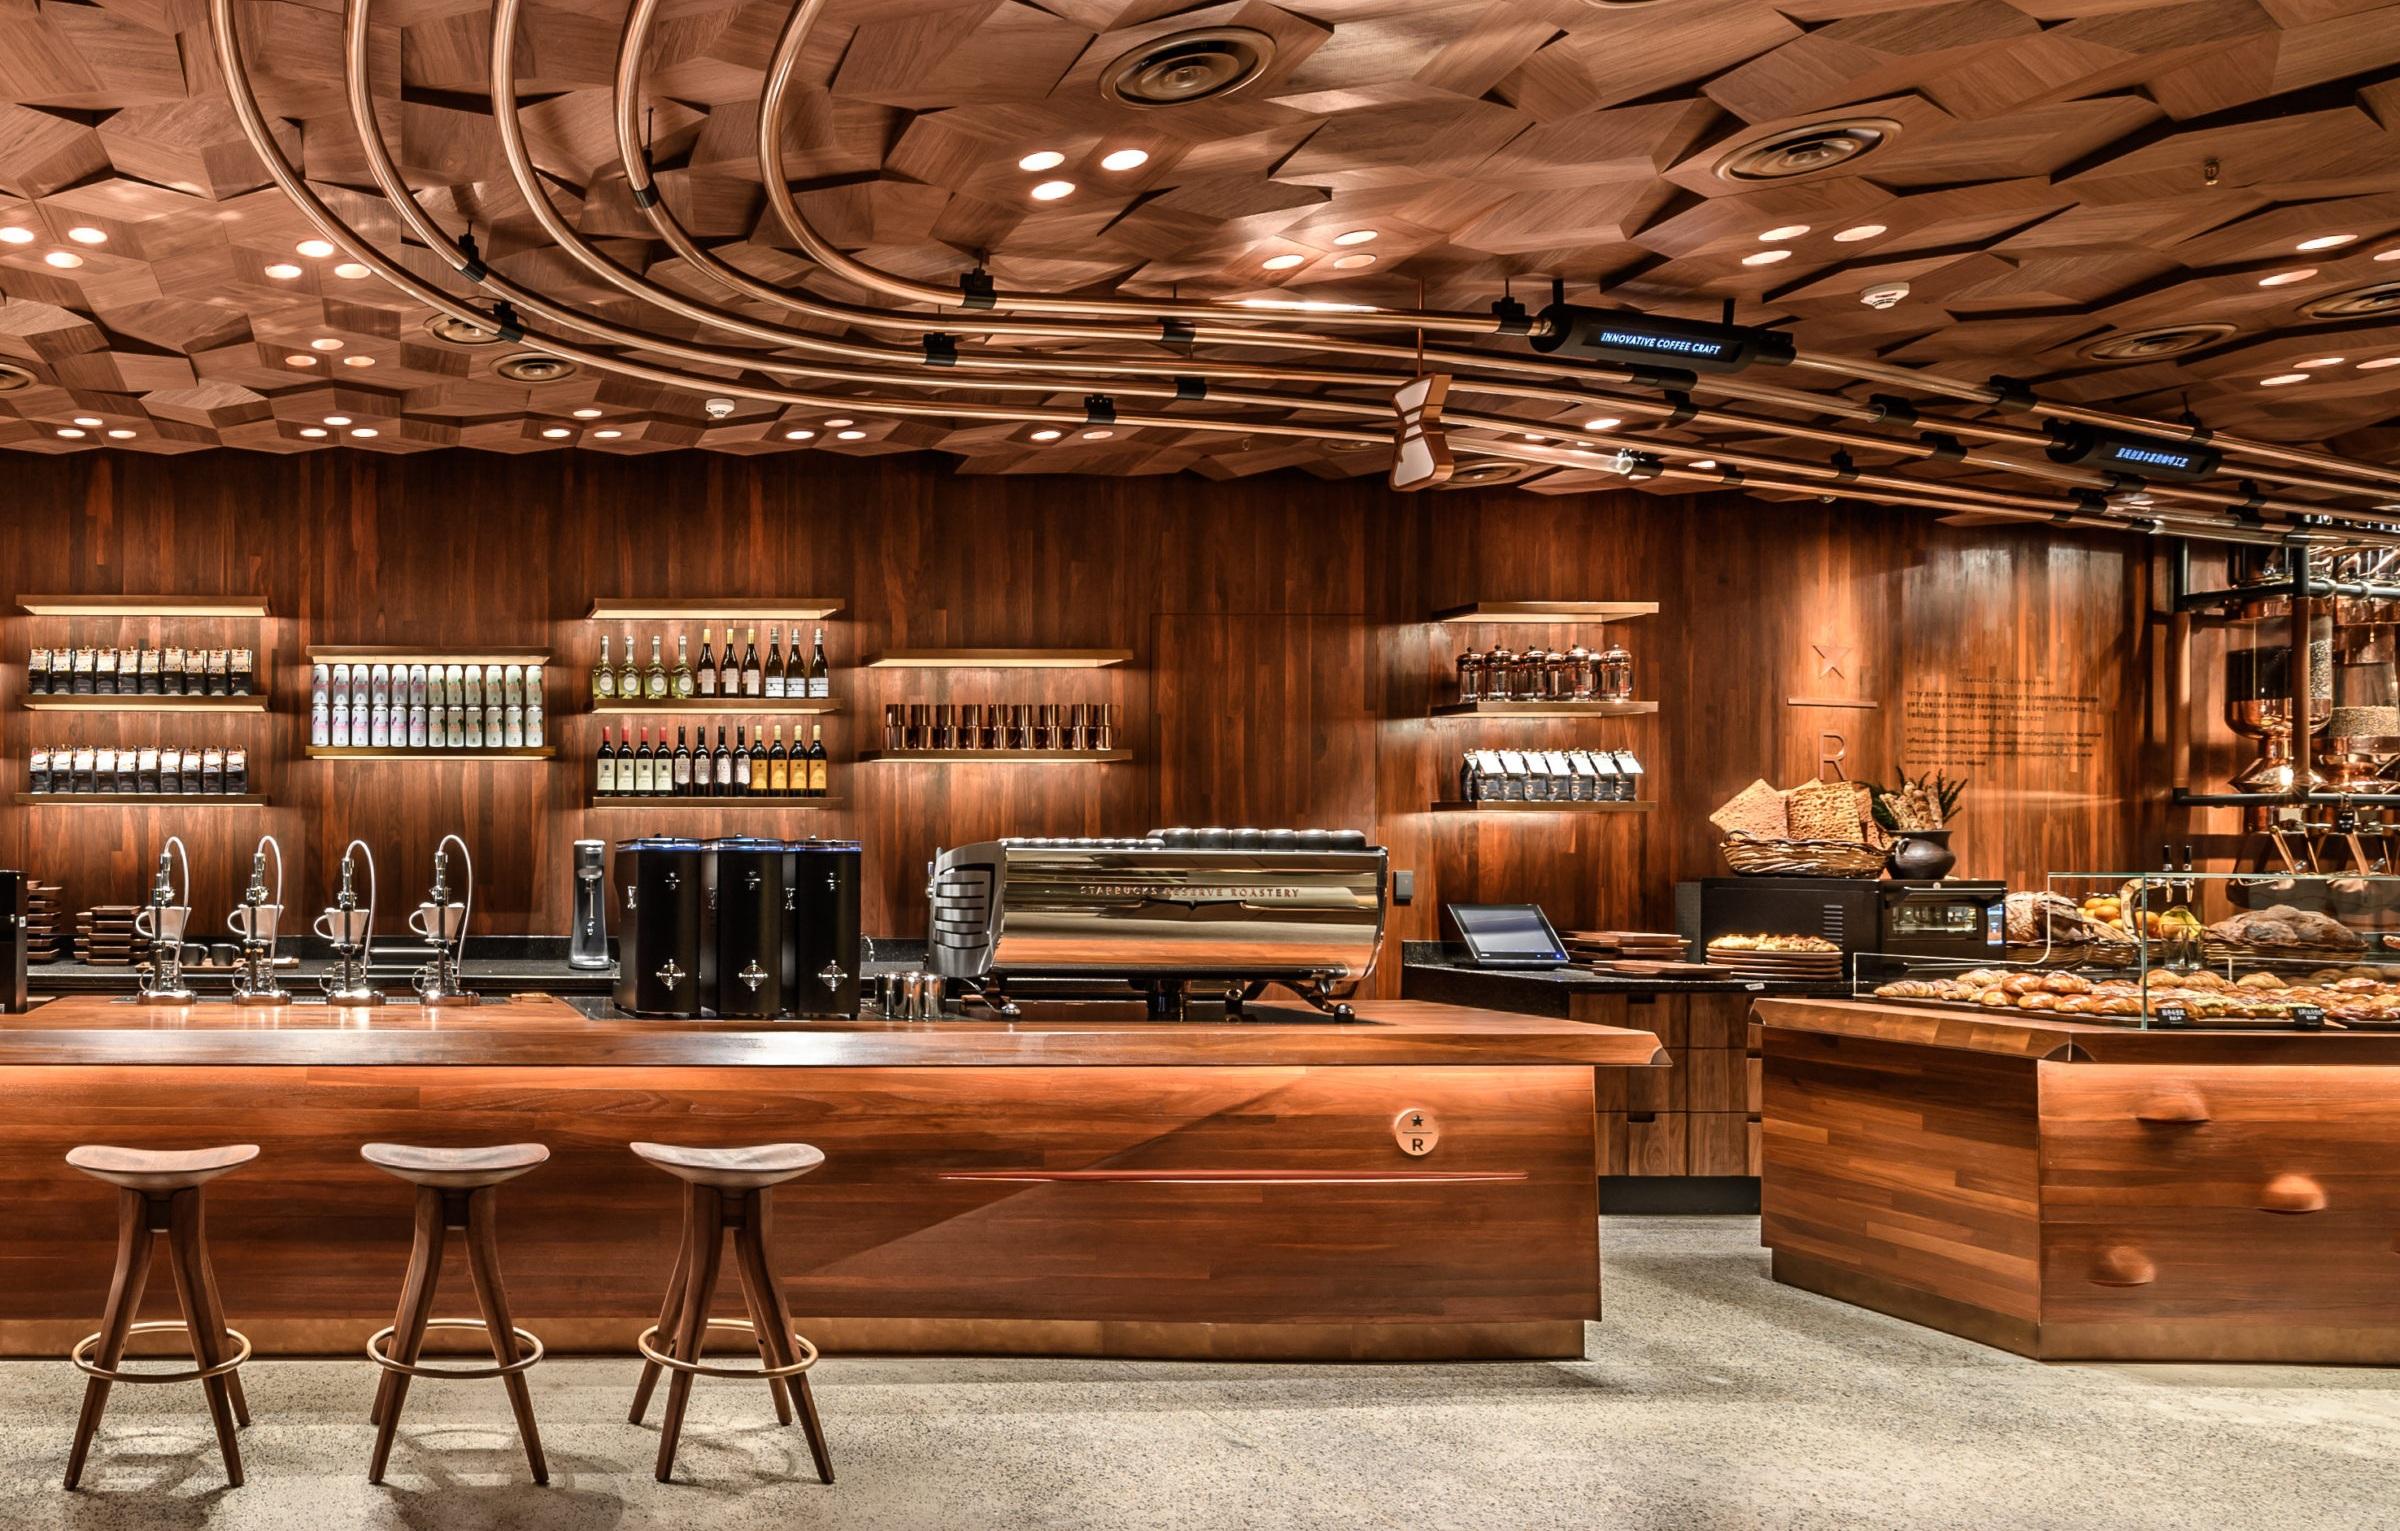 Starbucks_Roastery_Shanghai_-_Top_10_Things_10-2400x1656.jpg